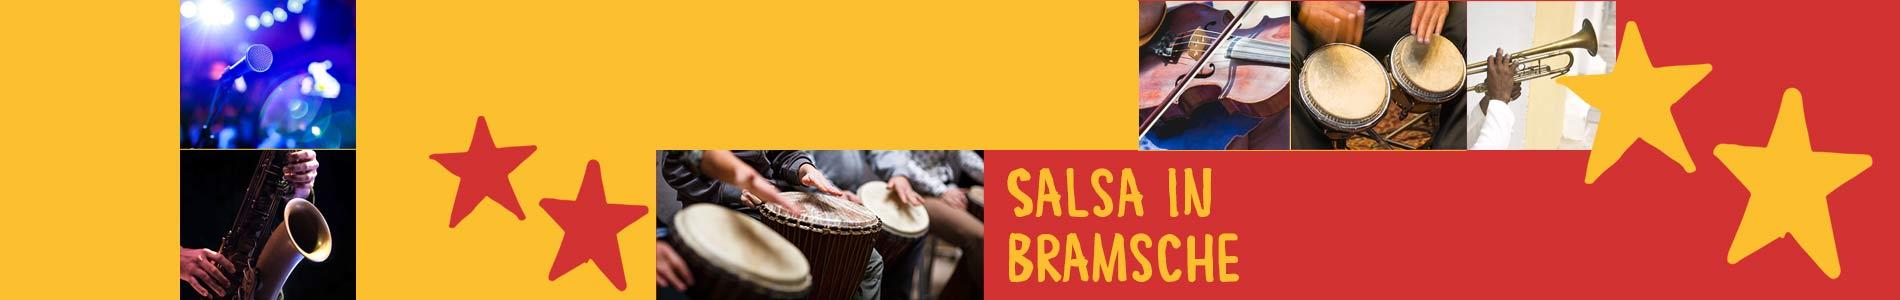 Salsa in Bramsche – Salsa lernen und tanzen, Tanzkurse, Partys, Veranstaltungen